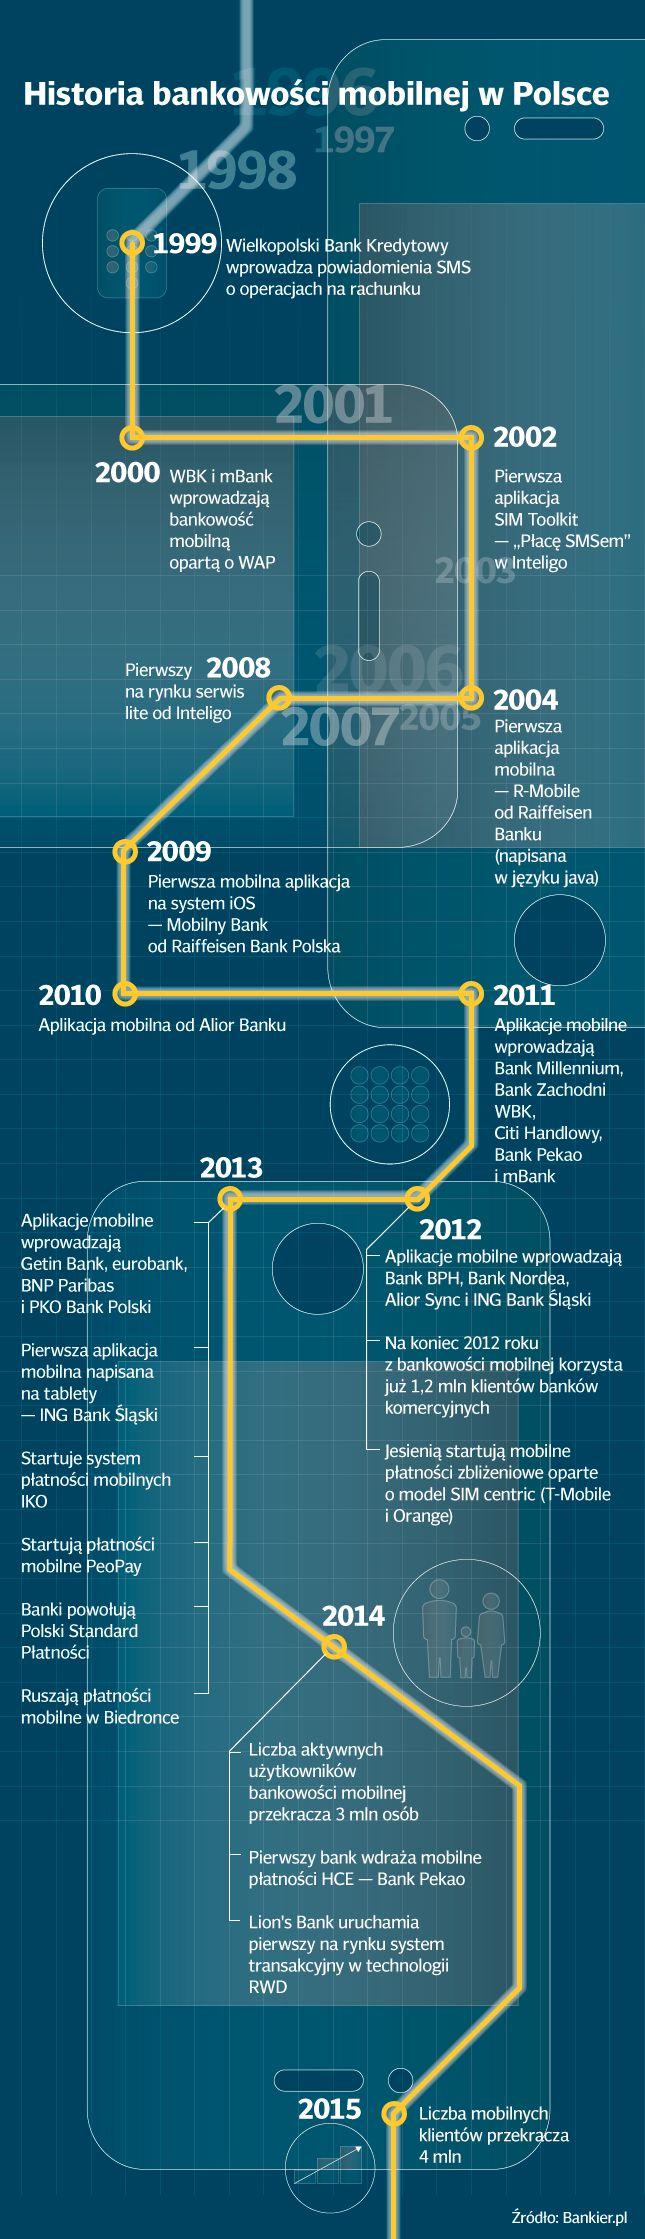 Bankowość mobilna w Polsce – od prehistorii po czasy obecne [infografika] - PRNews.pl